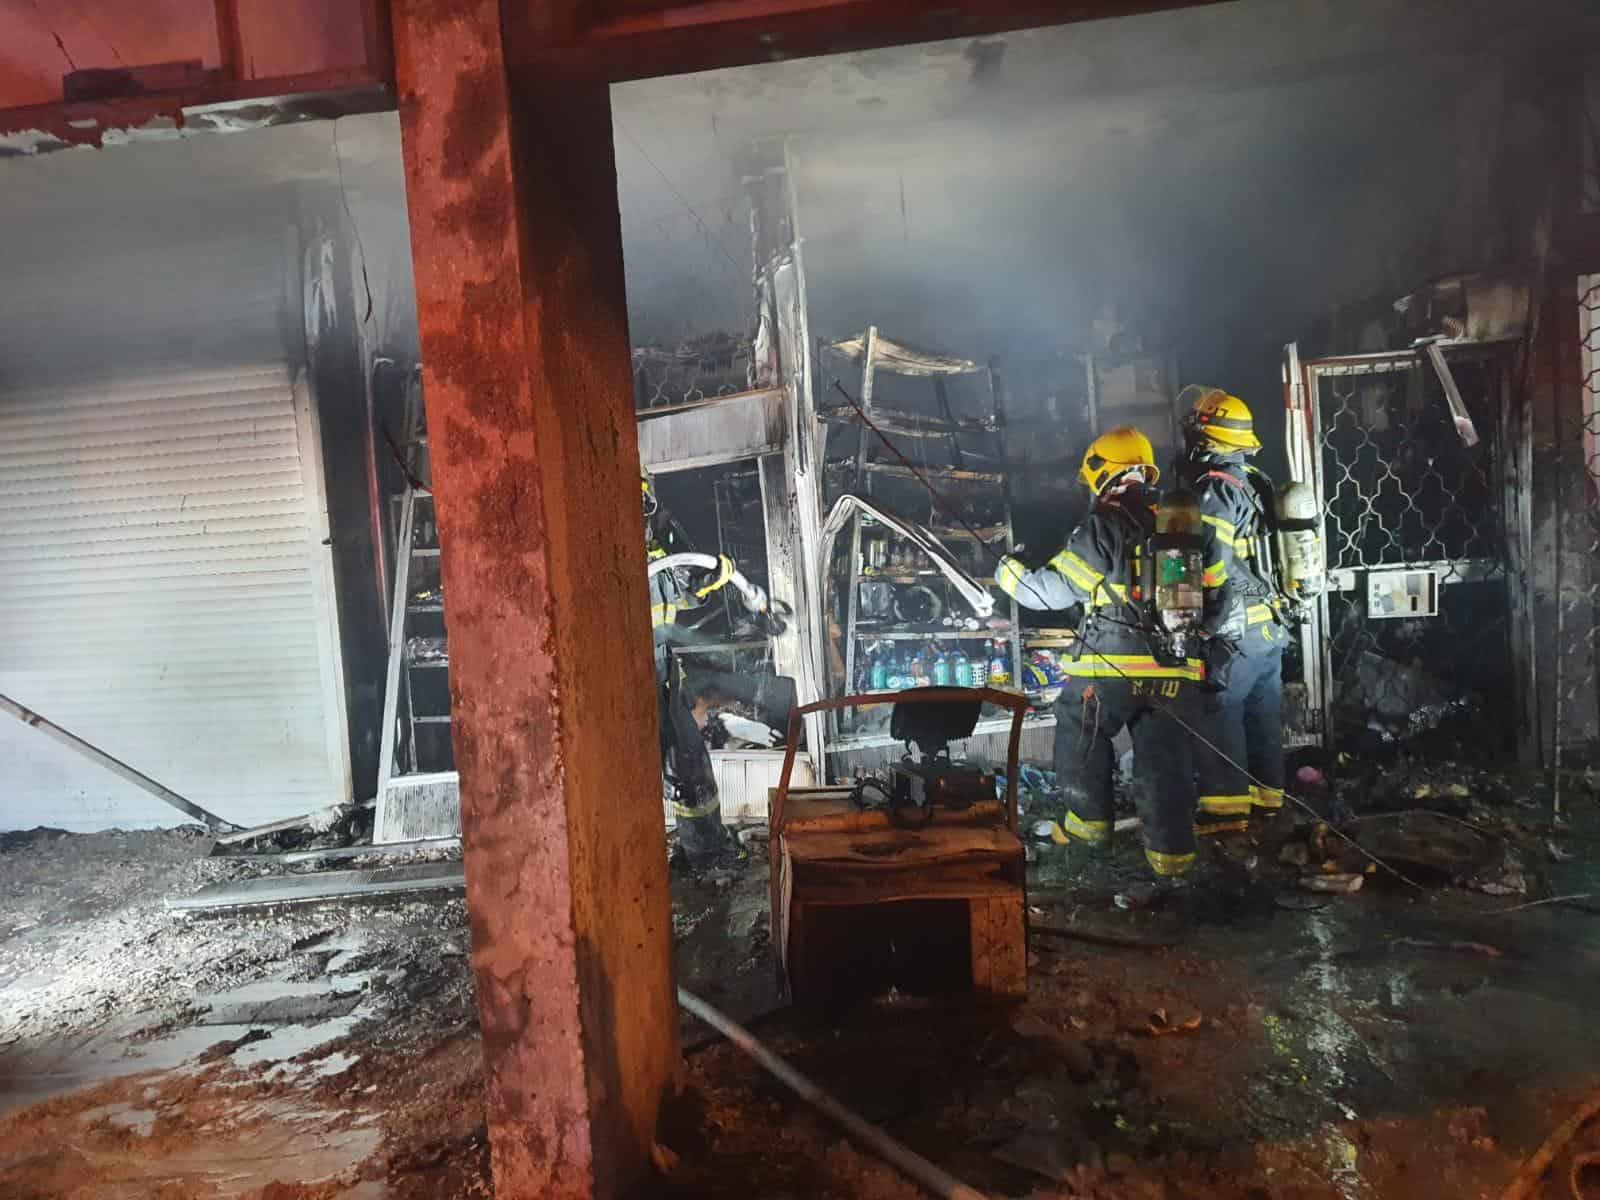 אירוע השריפה בנגבה. צילום: כבאות מרחב דן